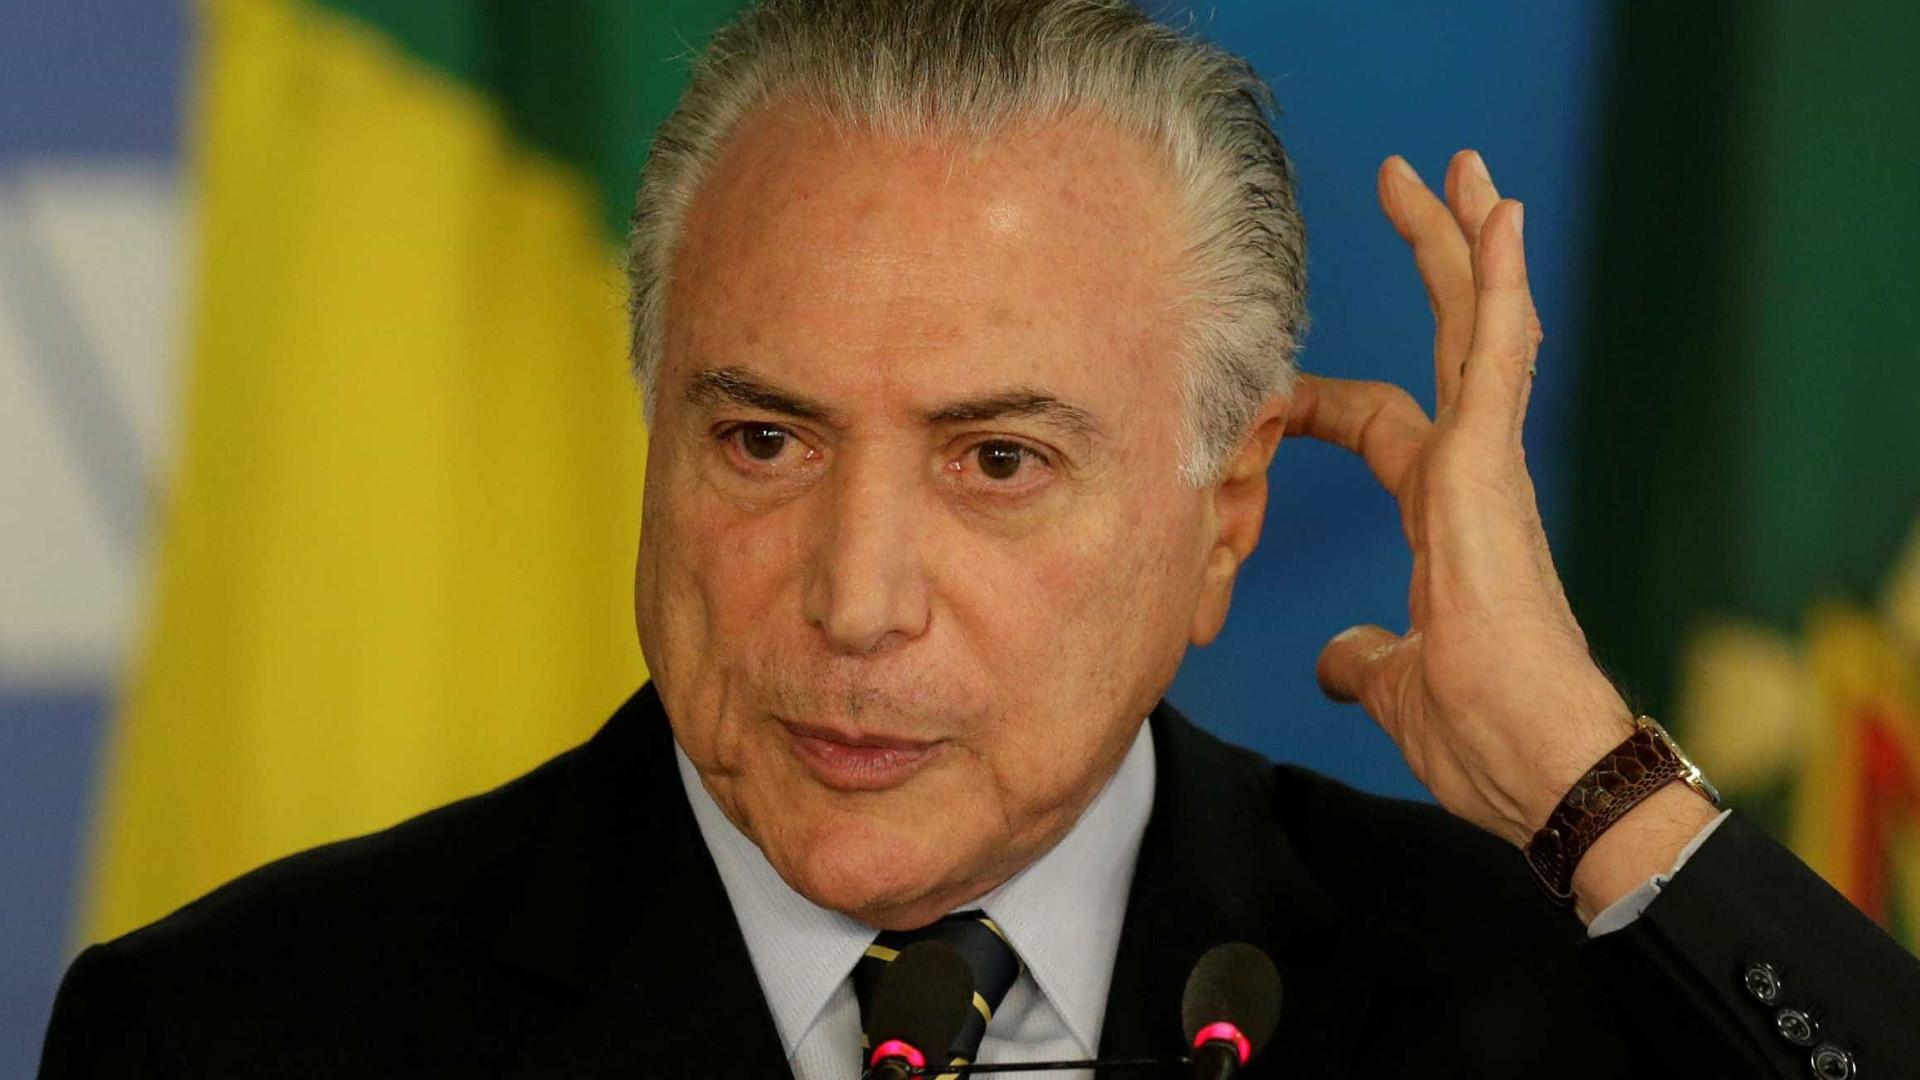 Ibope aponta que 86% dos brasileiros consideram governo Temer corrupto